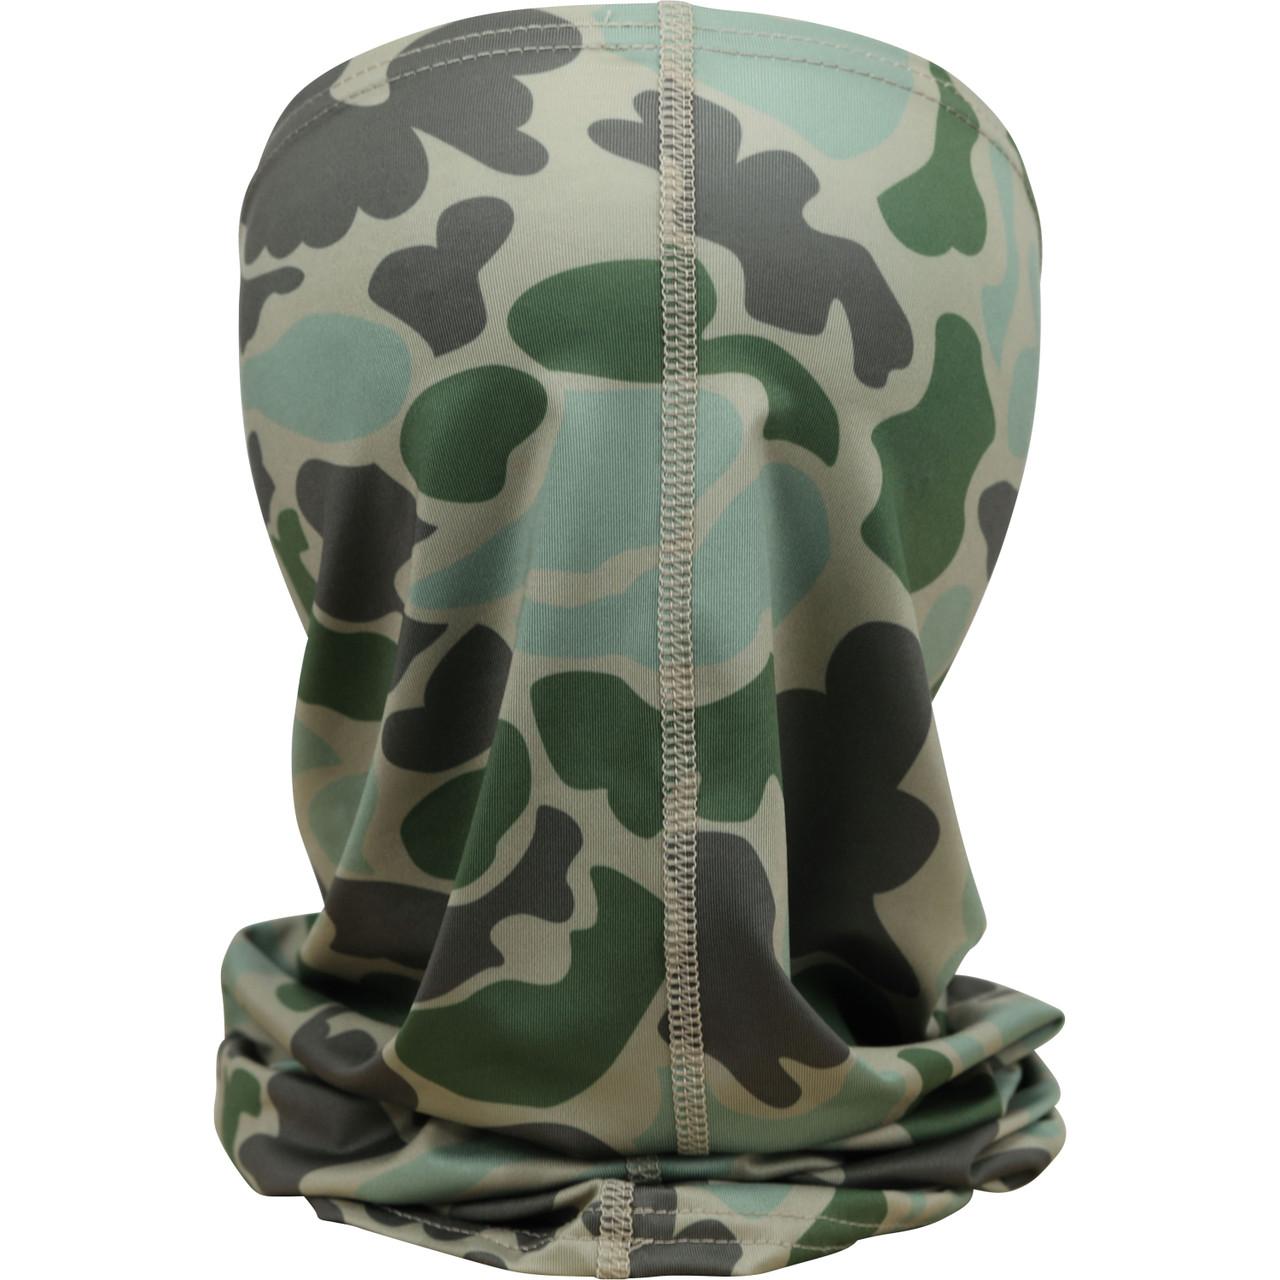 Marsh Wear MWSM05 Mallard Face Mask Green Camo - Back